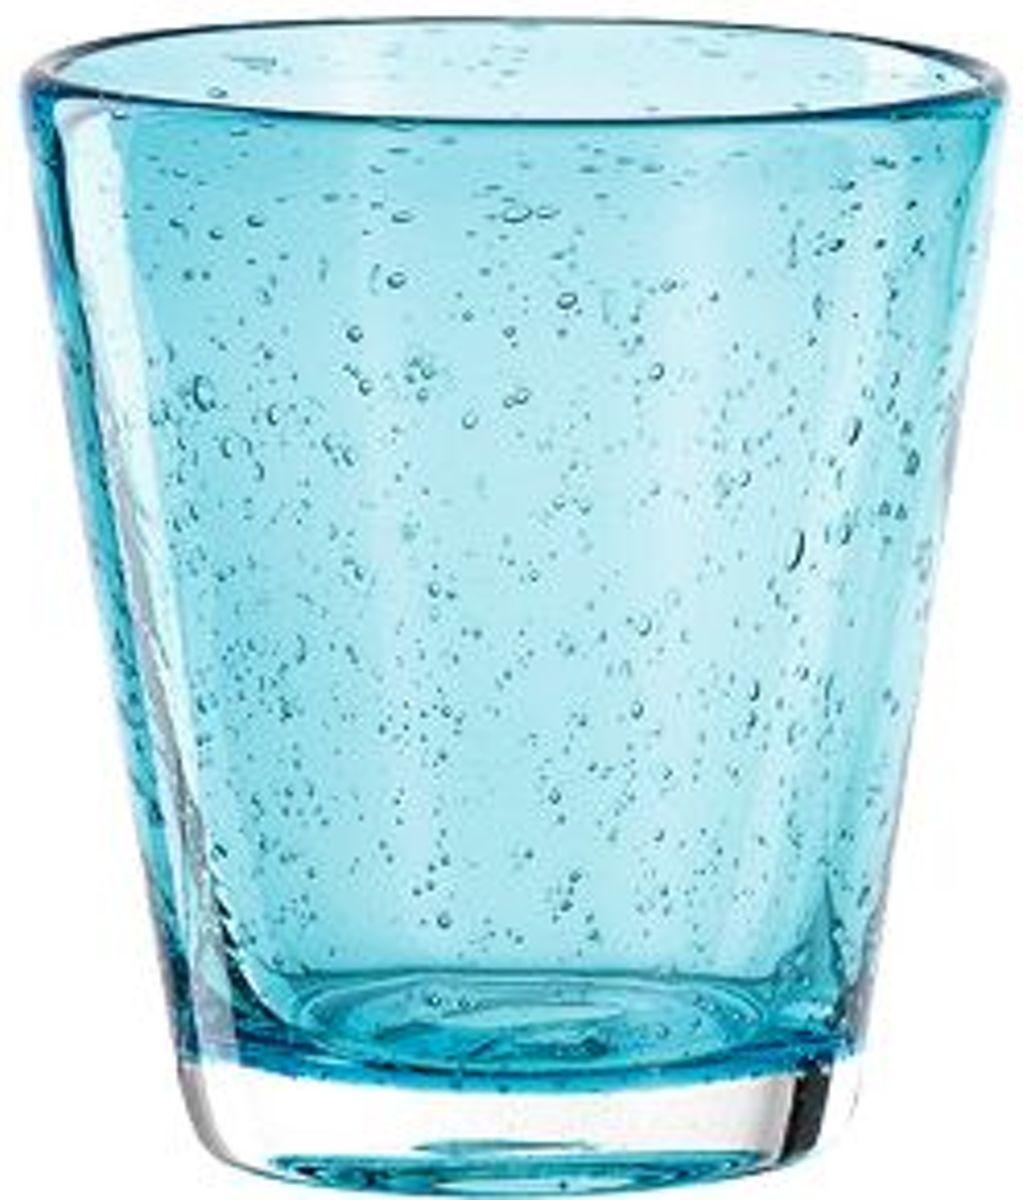 Leonardo Burano Waterglas - 330 ml - Lichtblauw - 6 stuks kopen